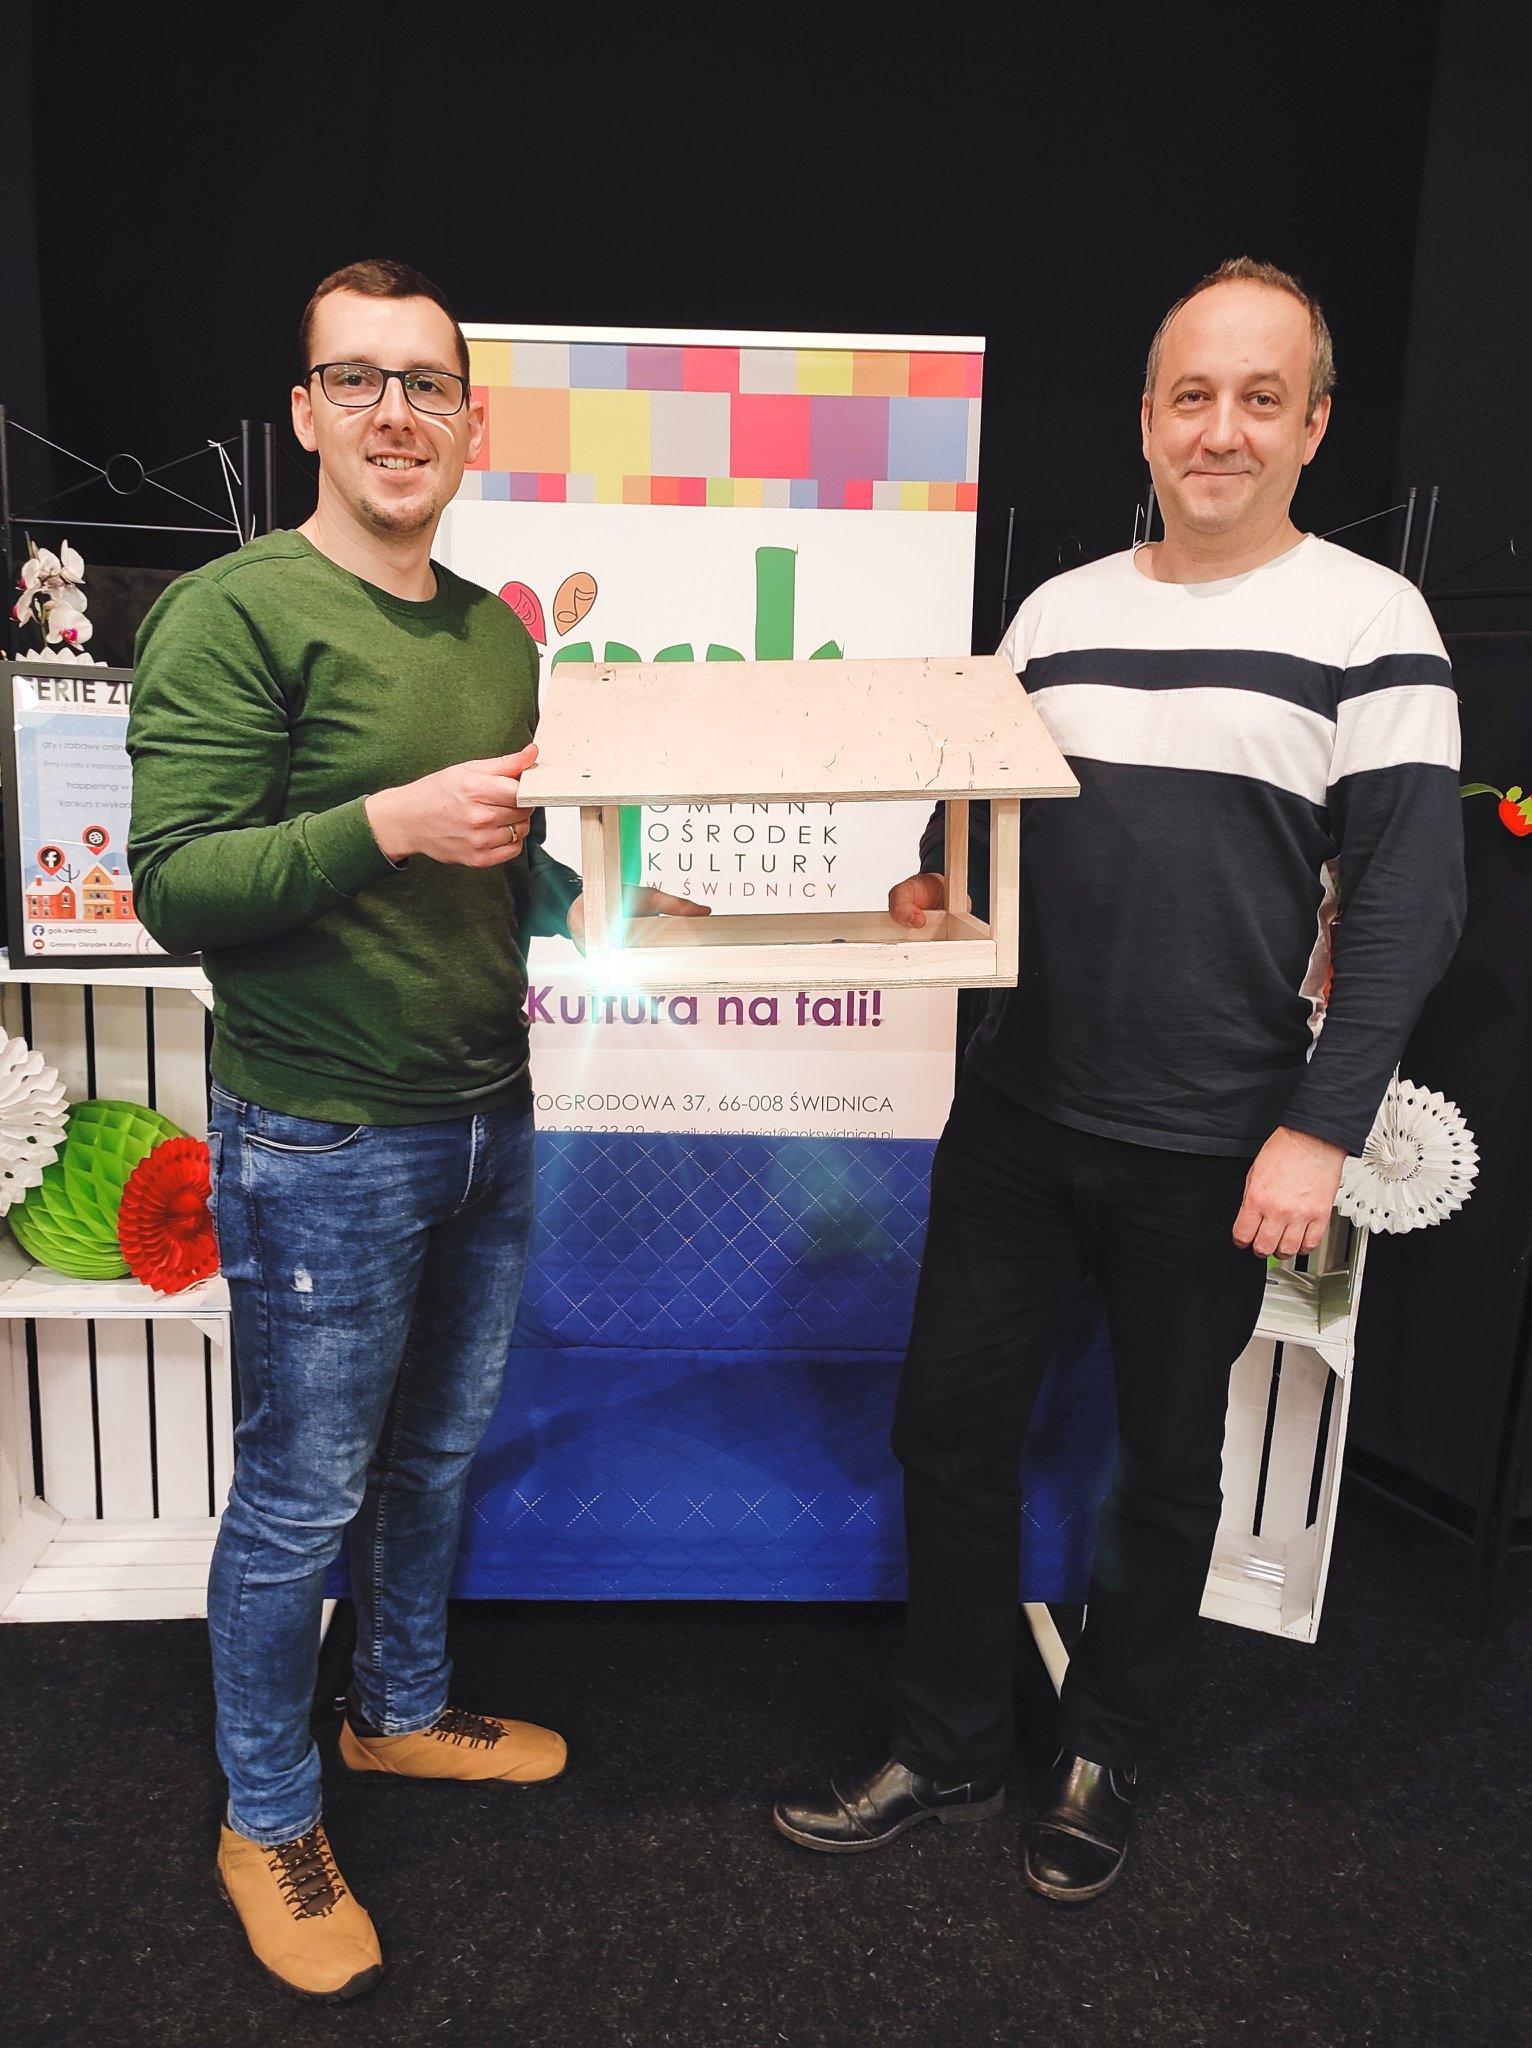 Paweł Kierzek i Marcin Wlazły prezentują karmnik dla ptaków